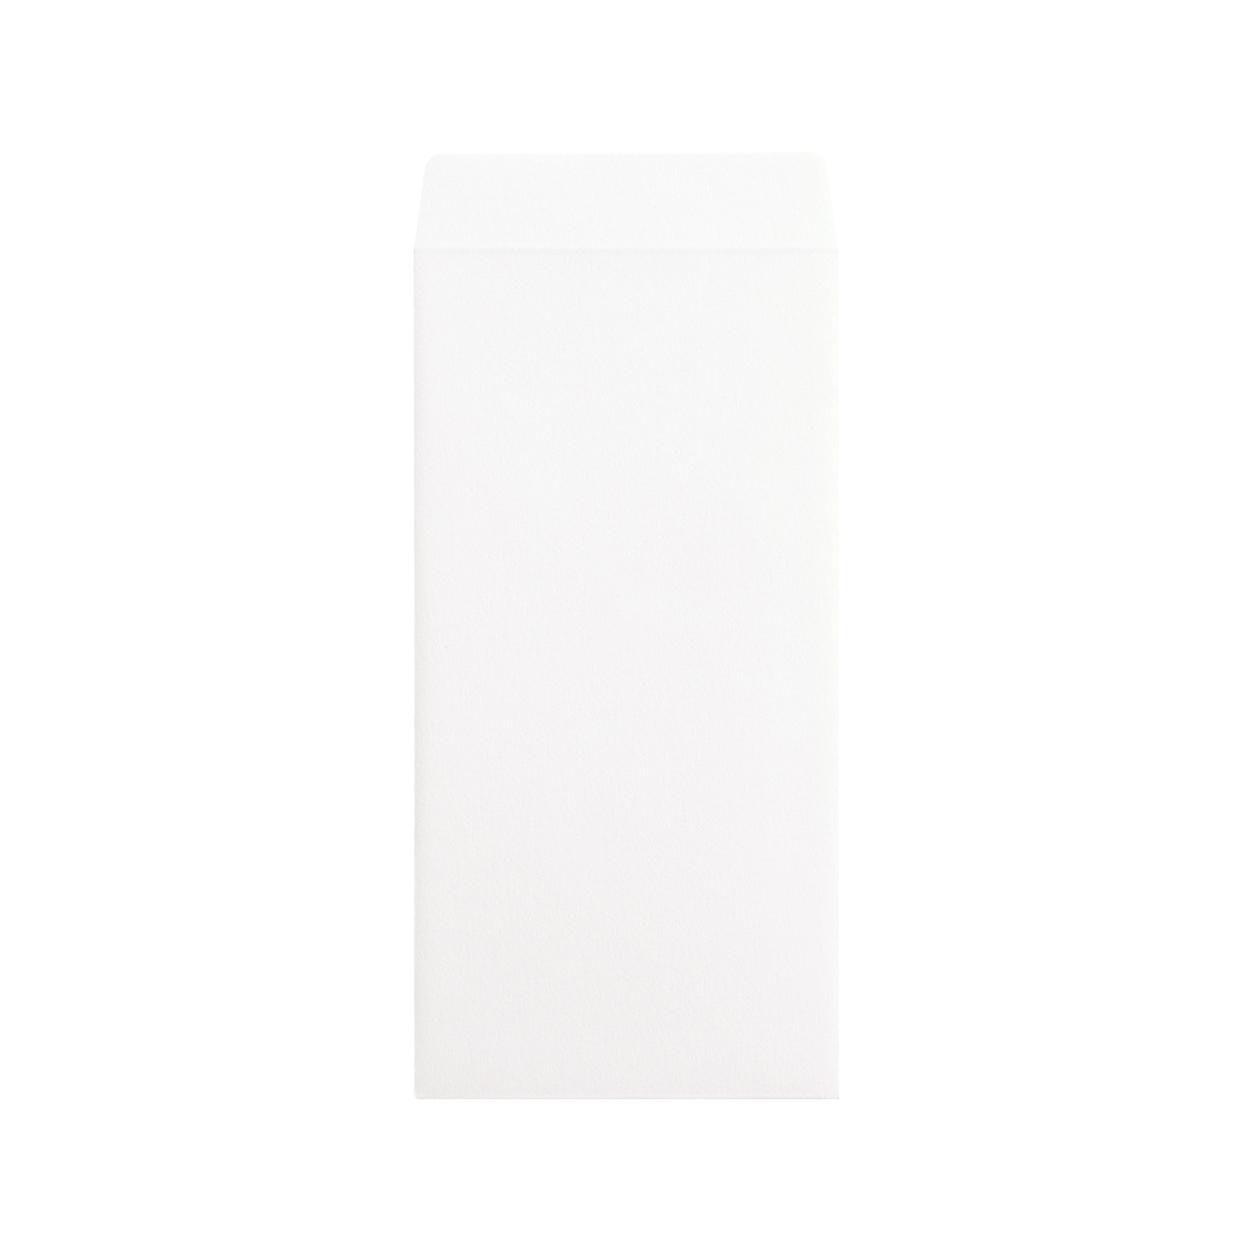 のし袋 大 コットン スノーホワイト 116.3g